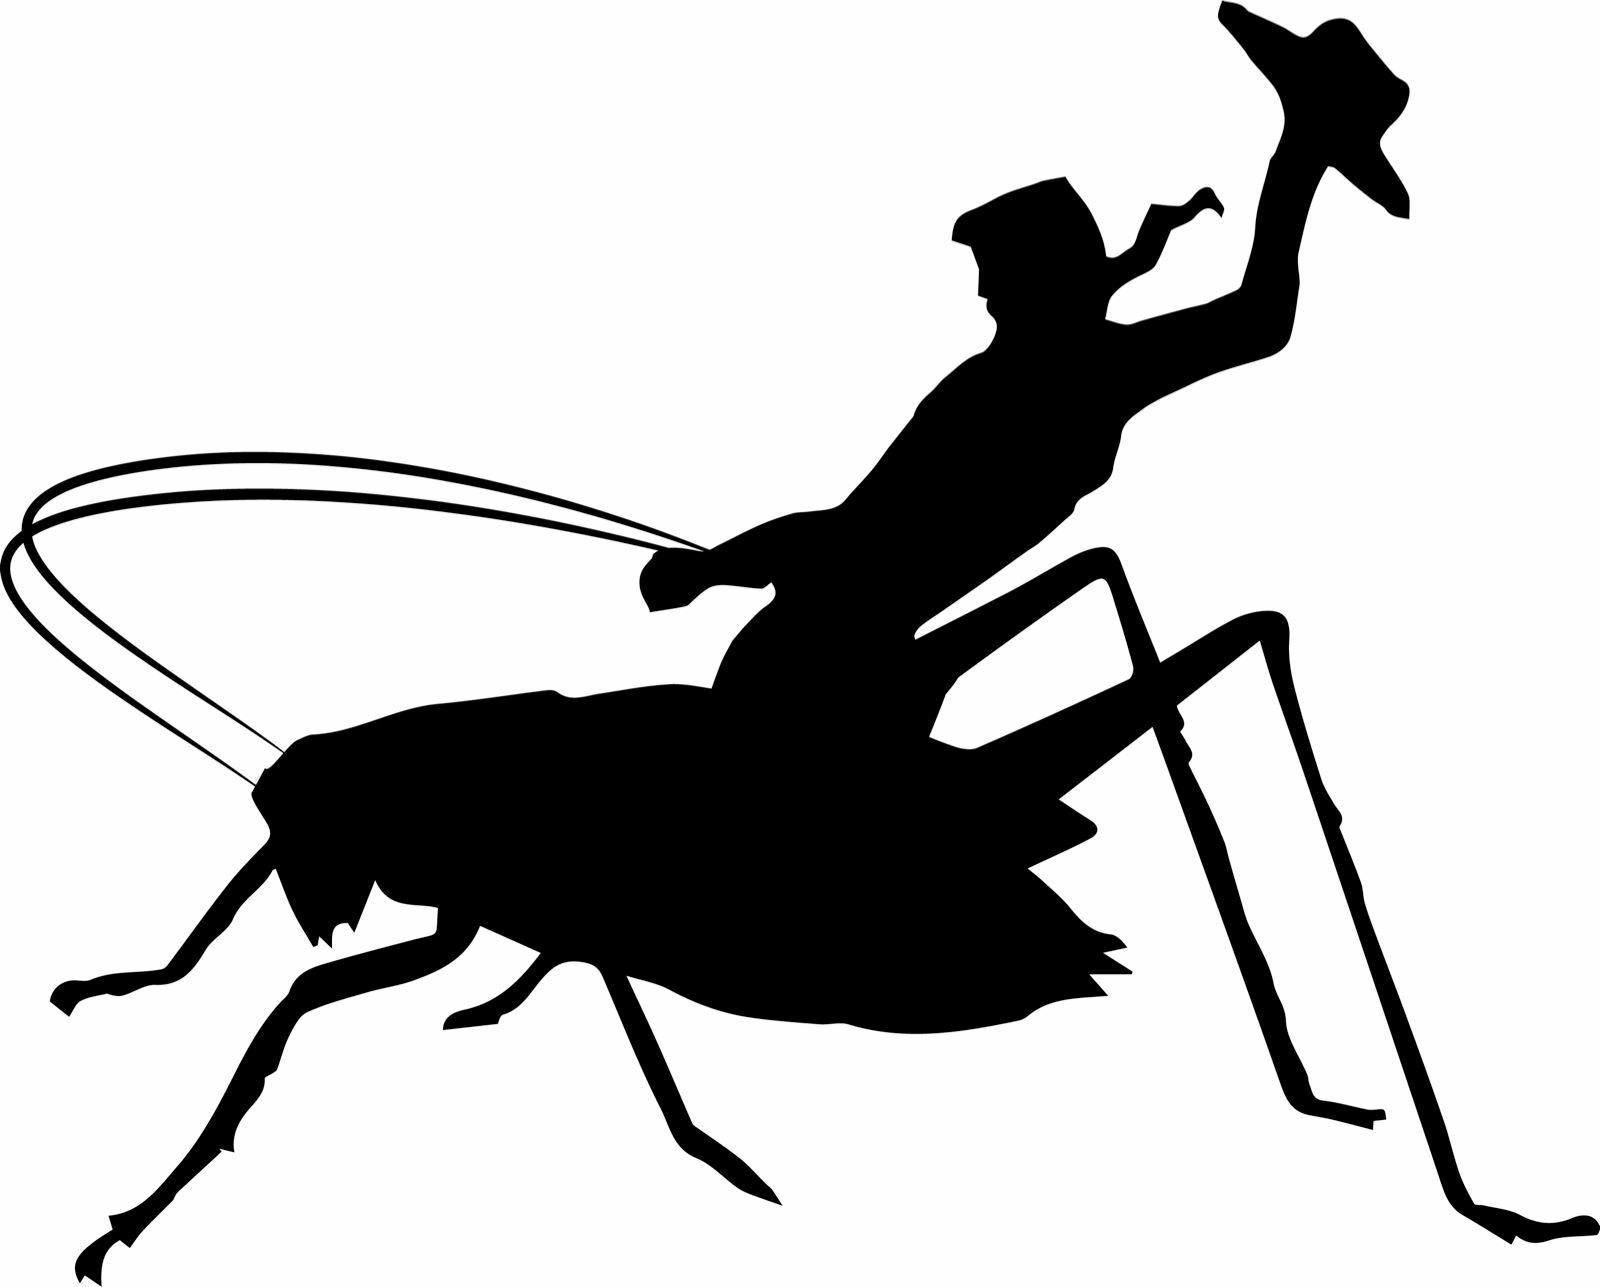 Cowboy Crickets